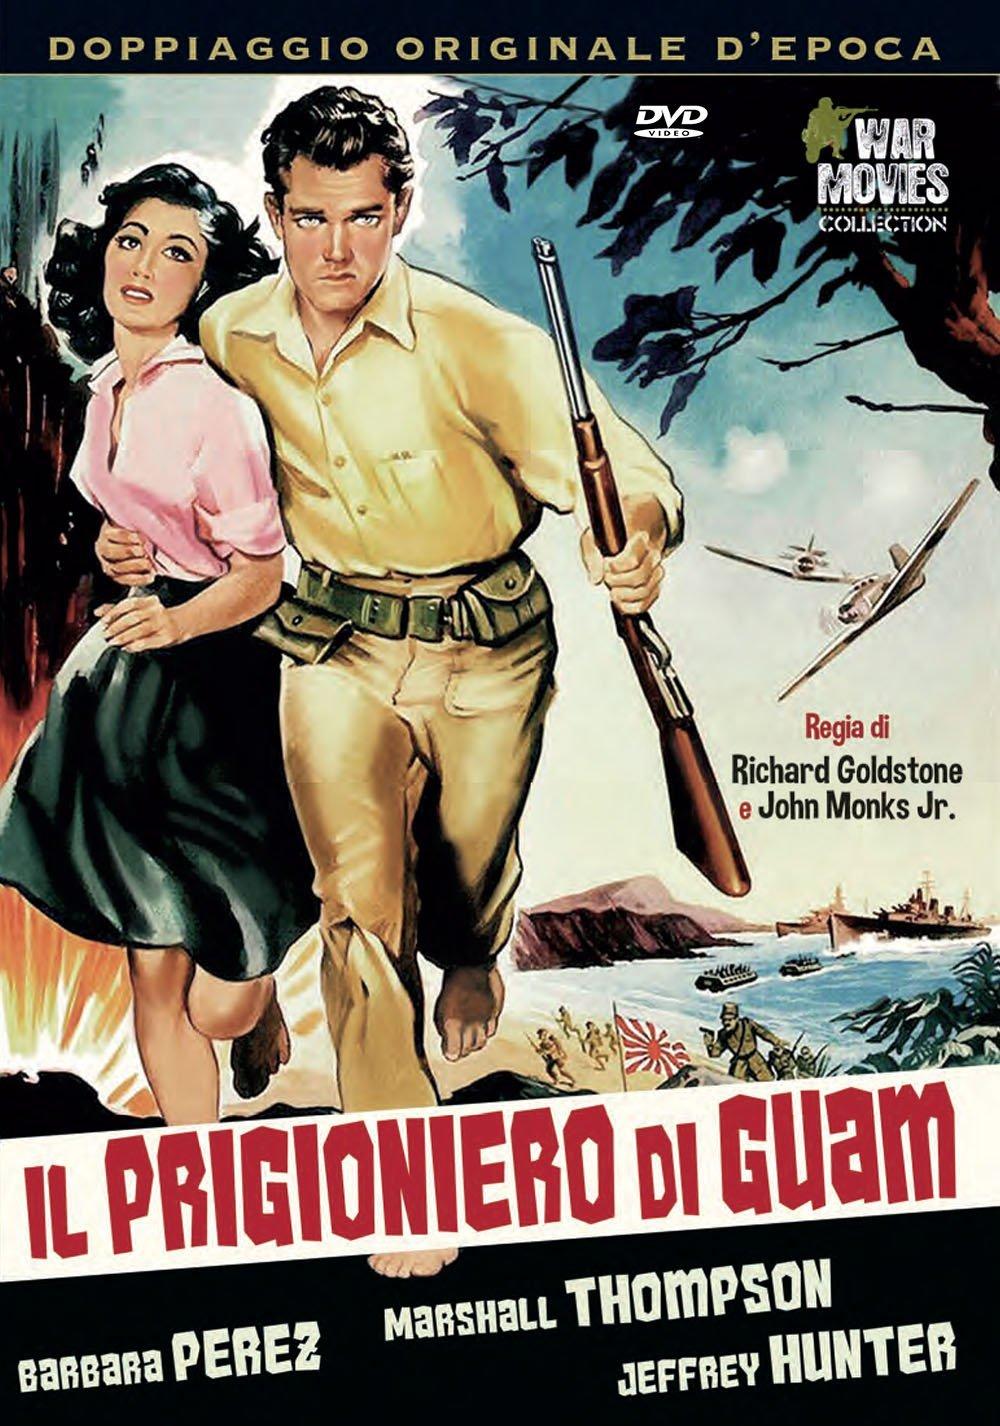 IL PRIGIONIERO DI GUAM (DVD)